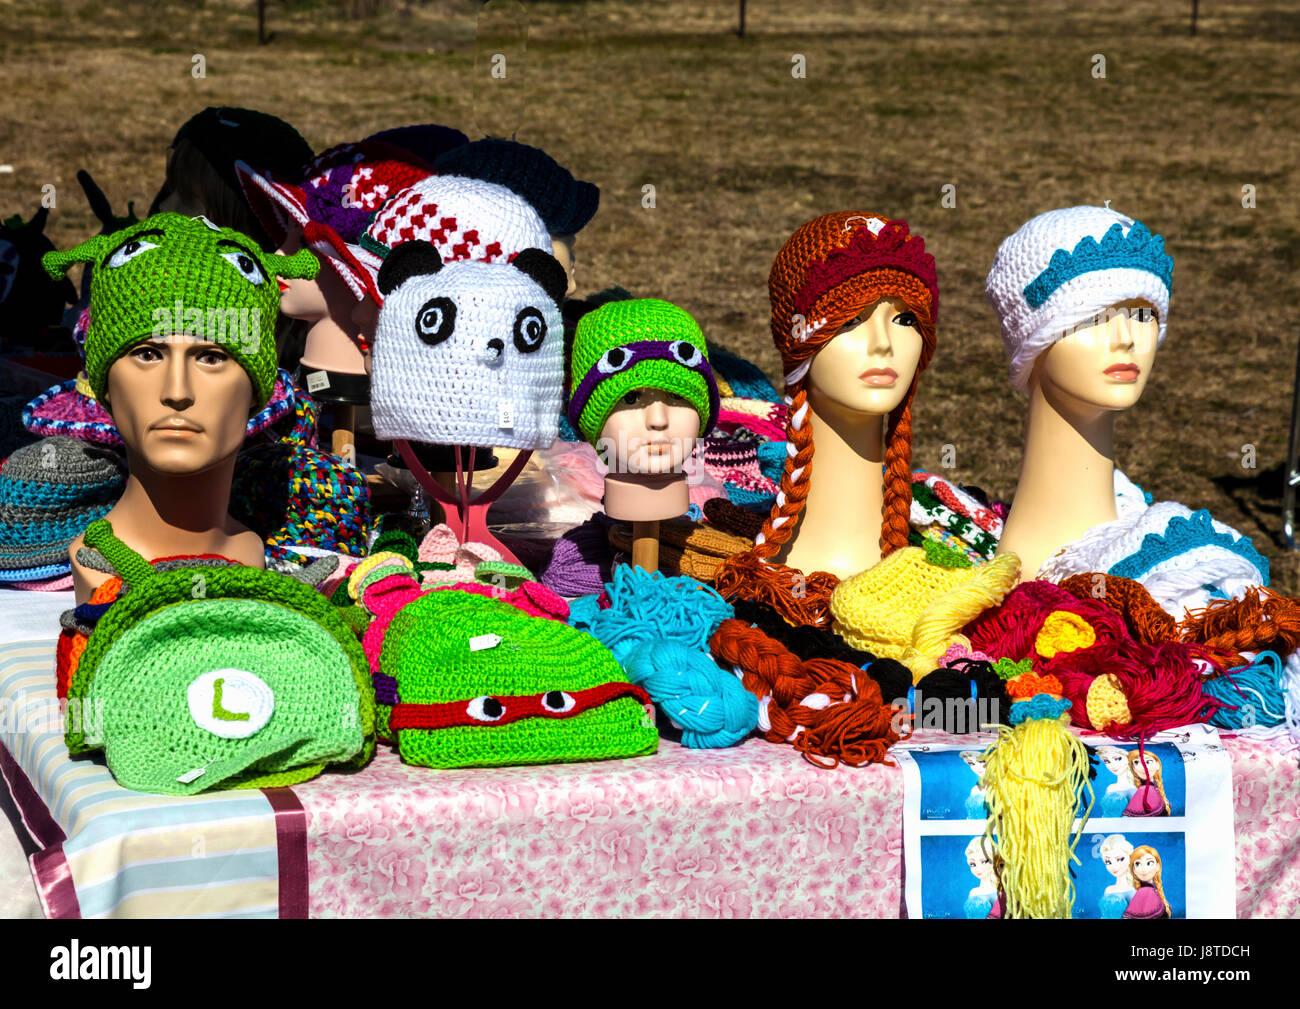 Tejidos de lana beanie sombreros para la venta en el mercado Imagen De Stock 23f9521c9c0